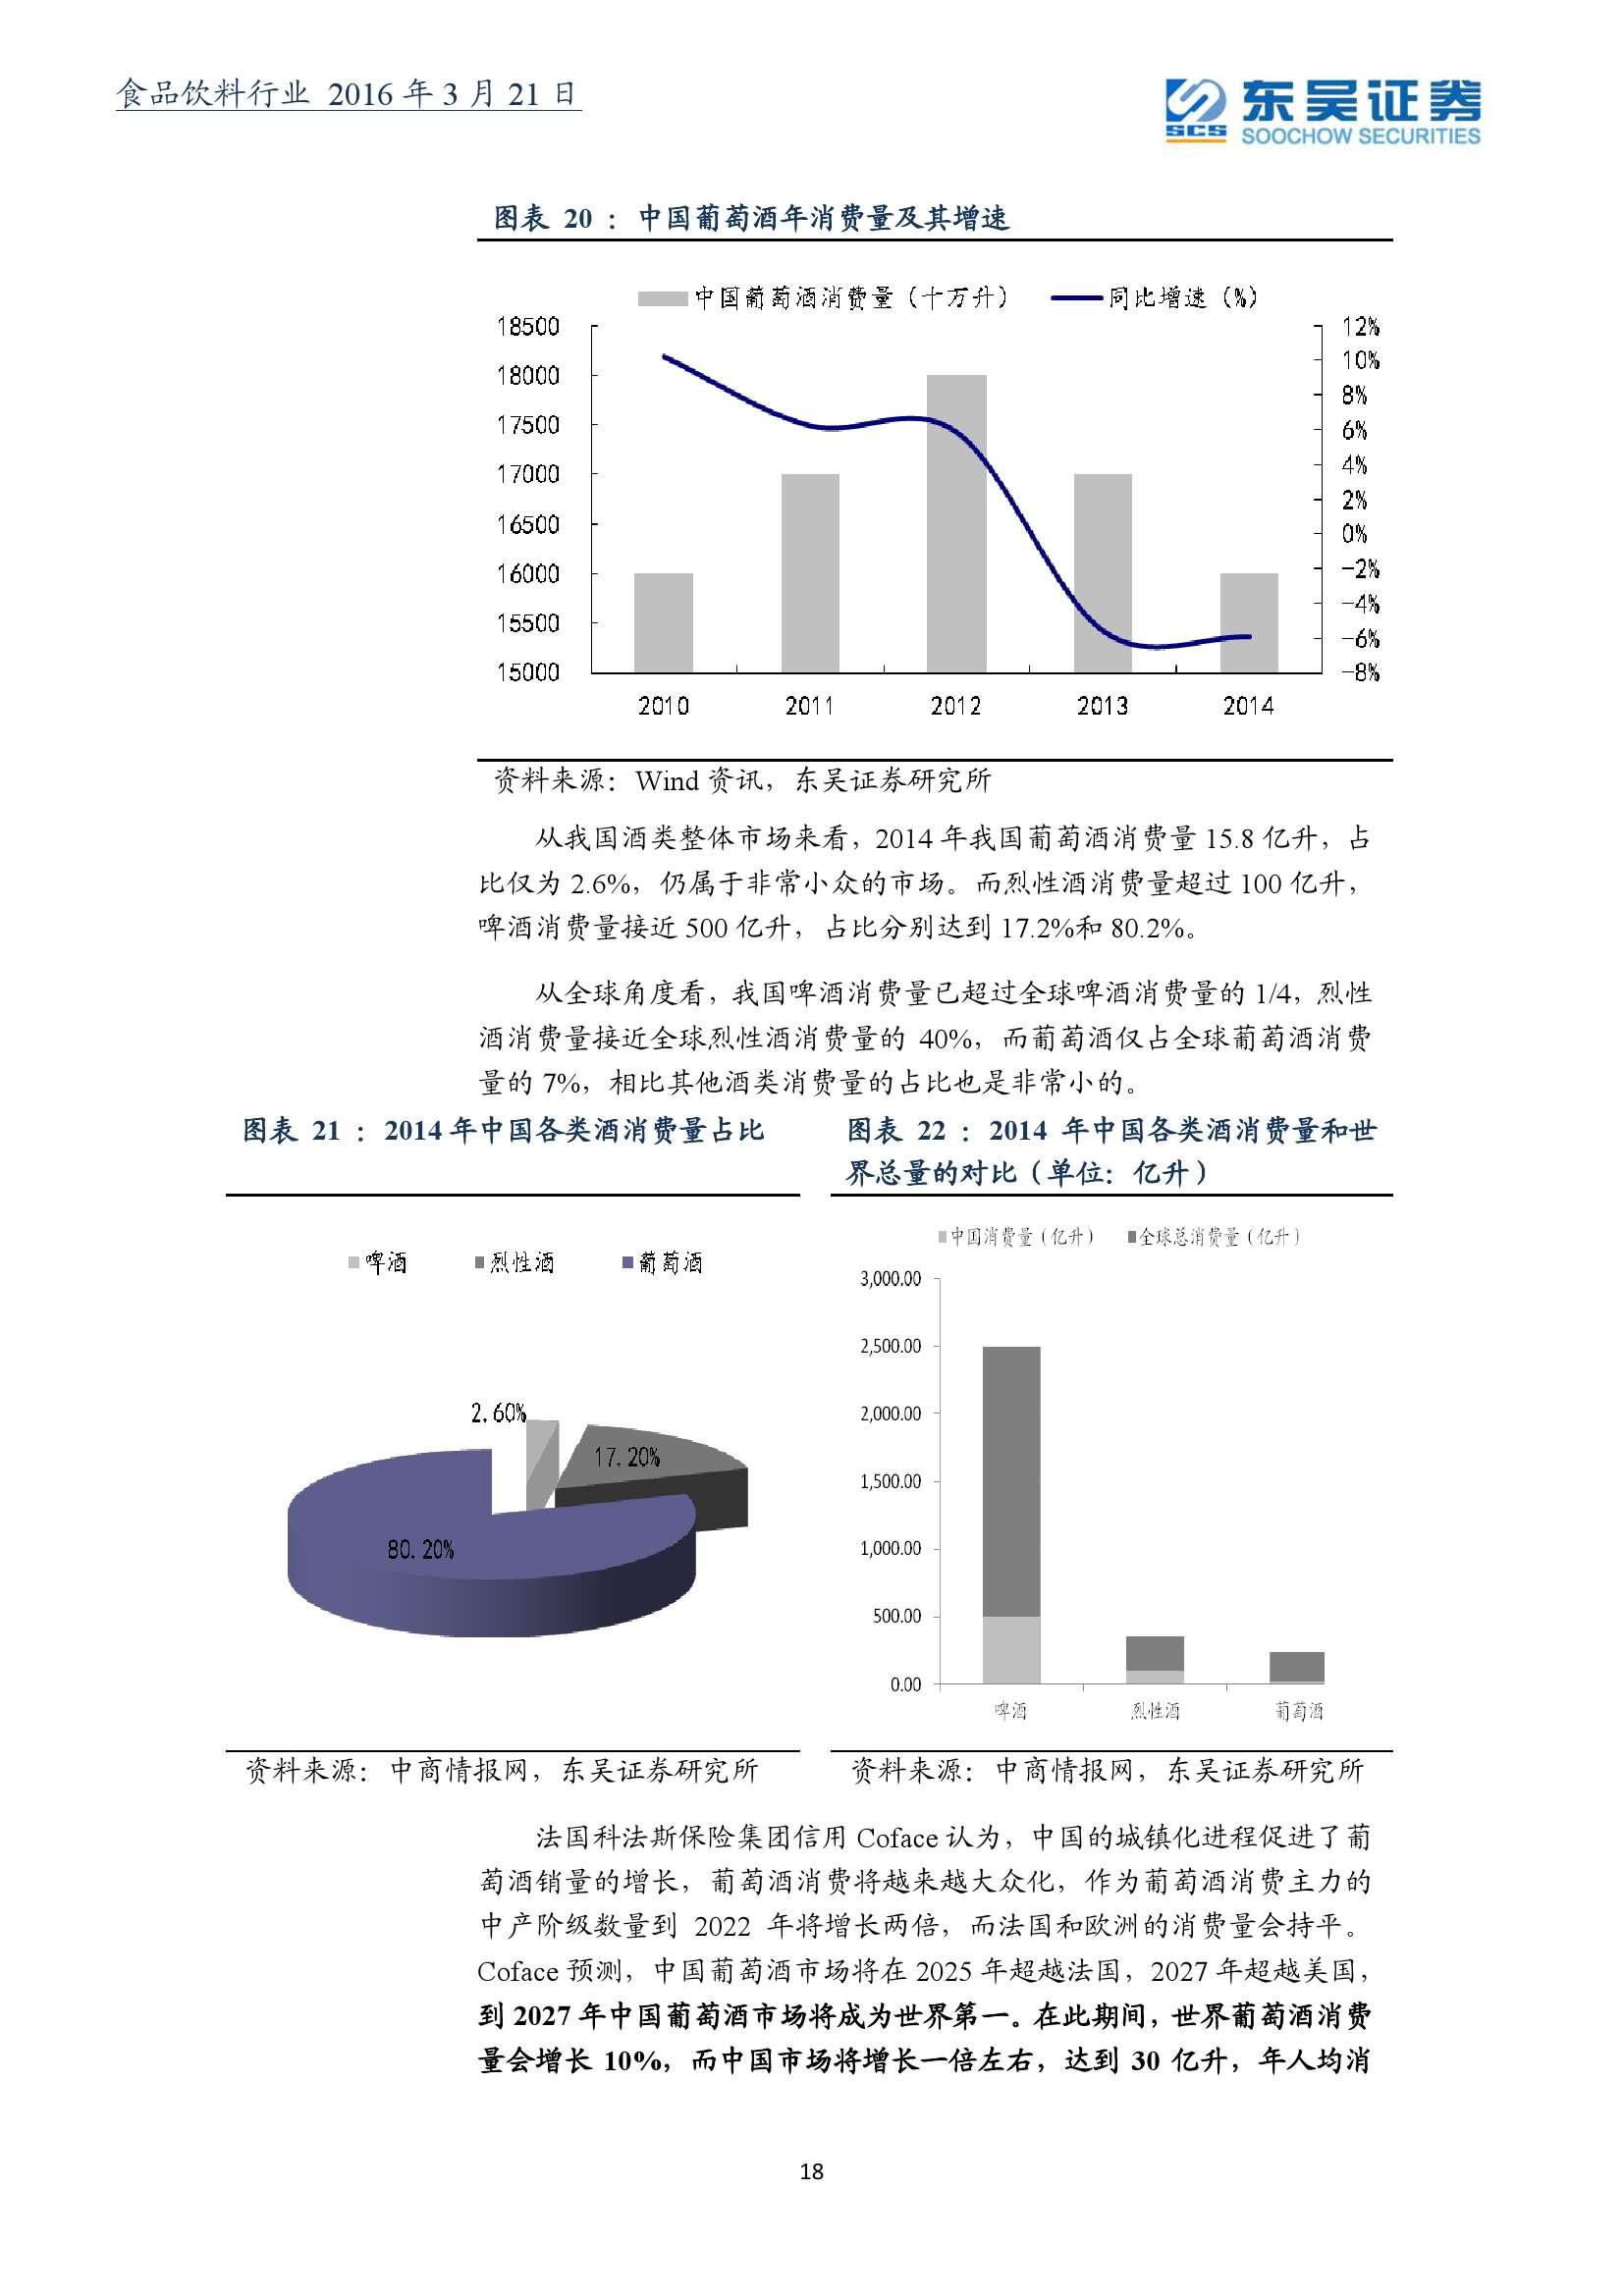 2016年葡萄酒行业深度报告_000018